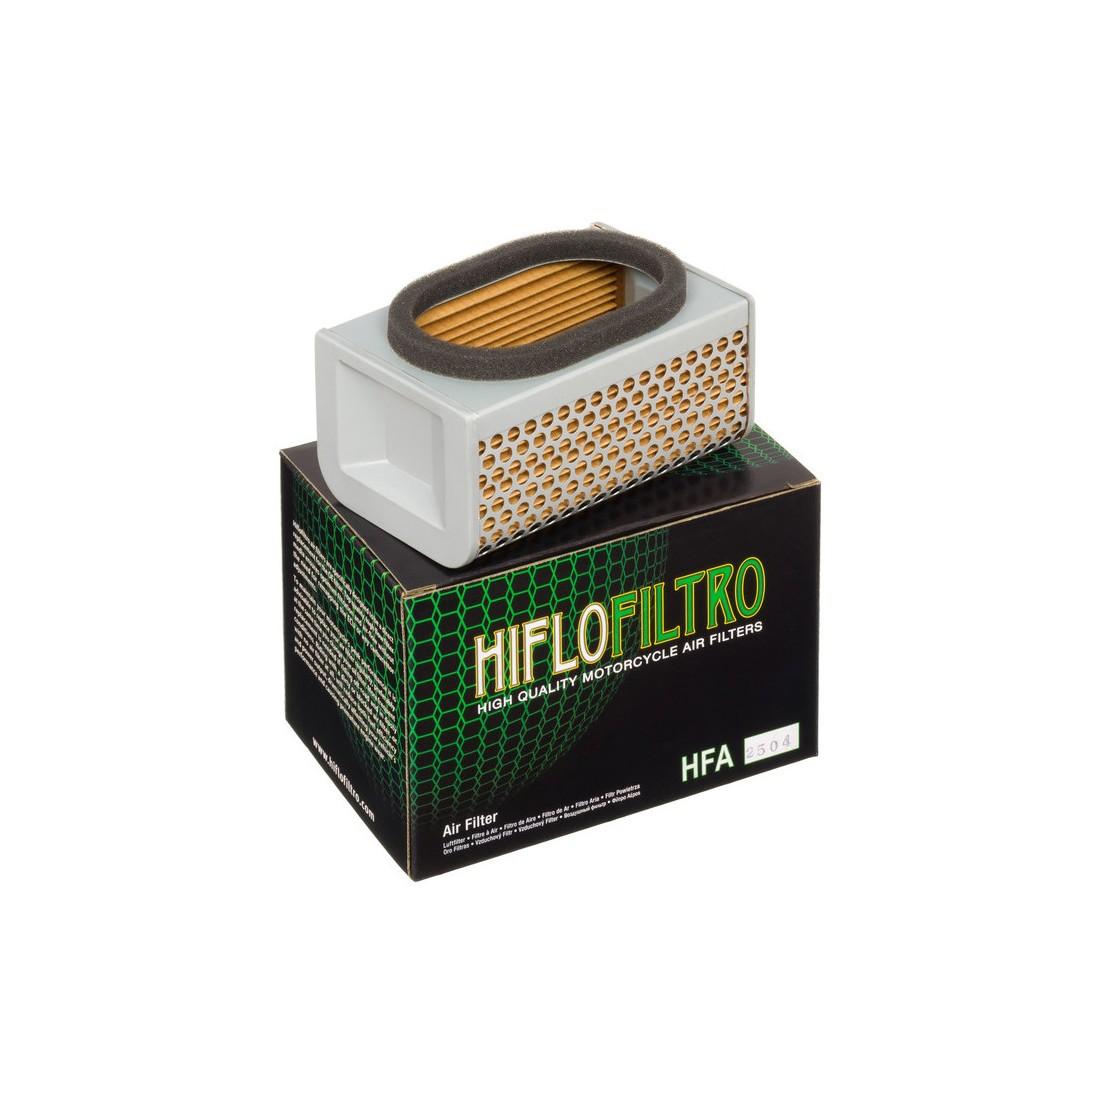 Filtro Aire Hiflofiltro HFA2504